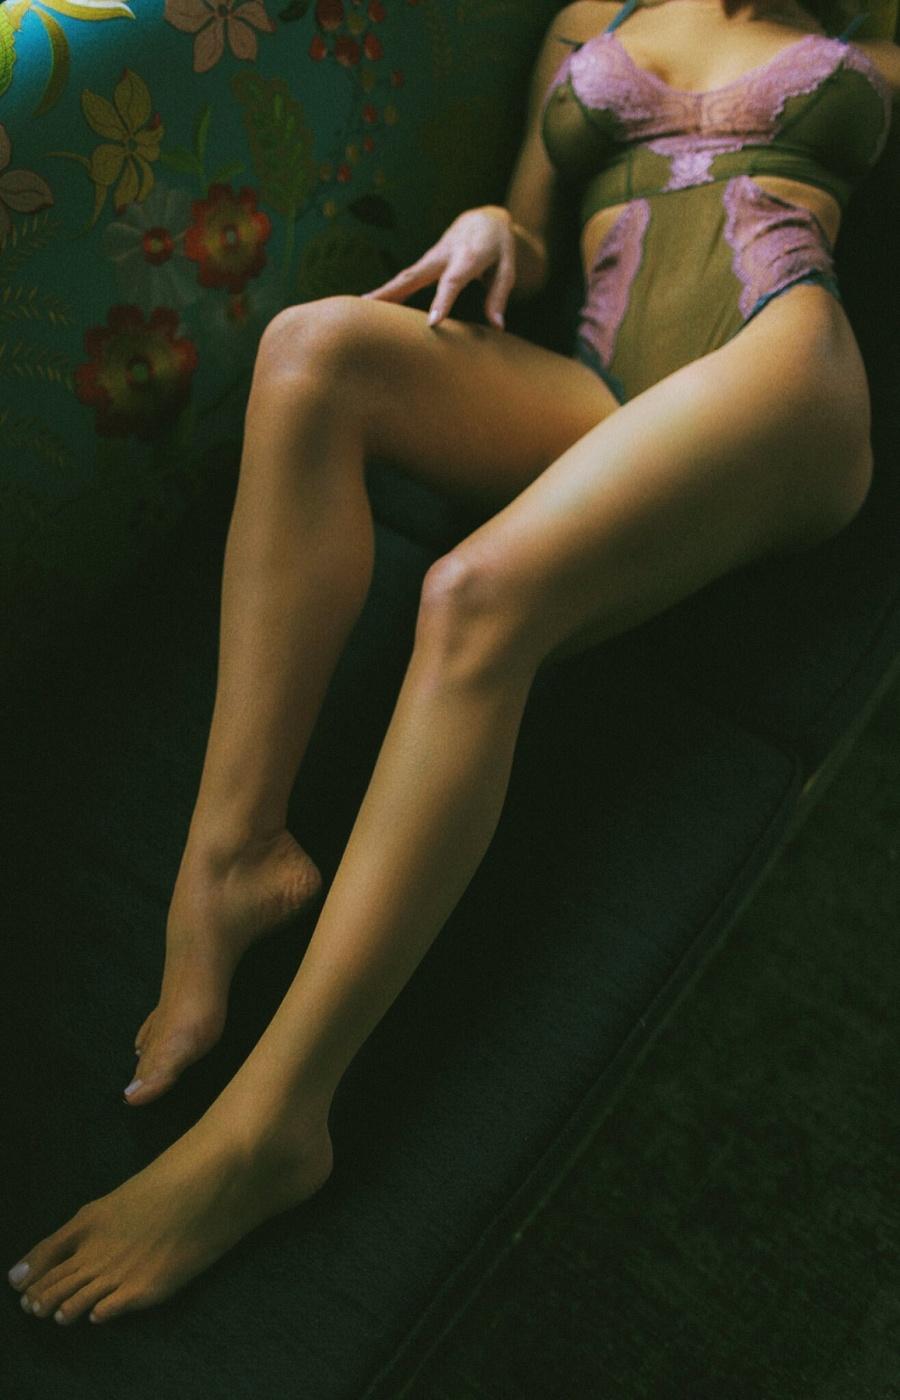 Sydney Carter